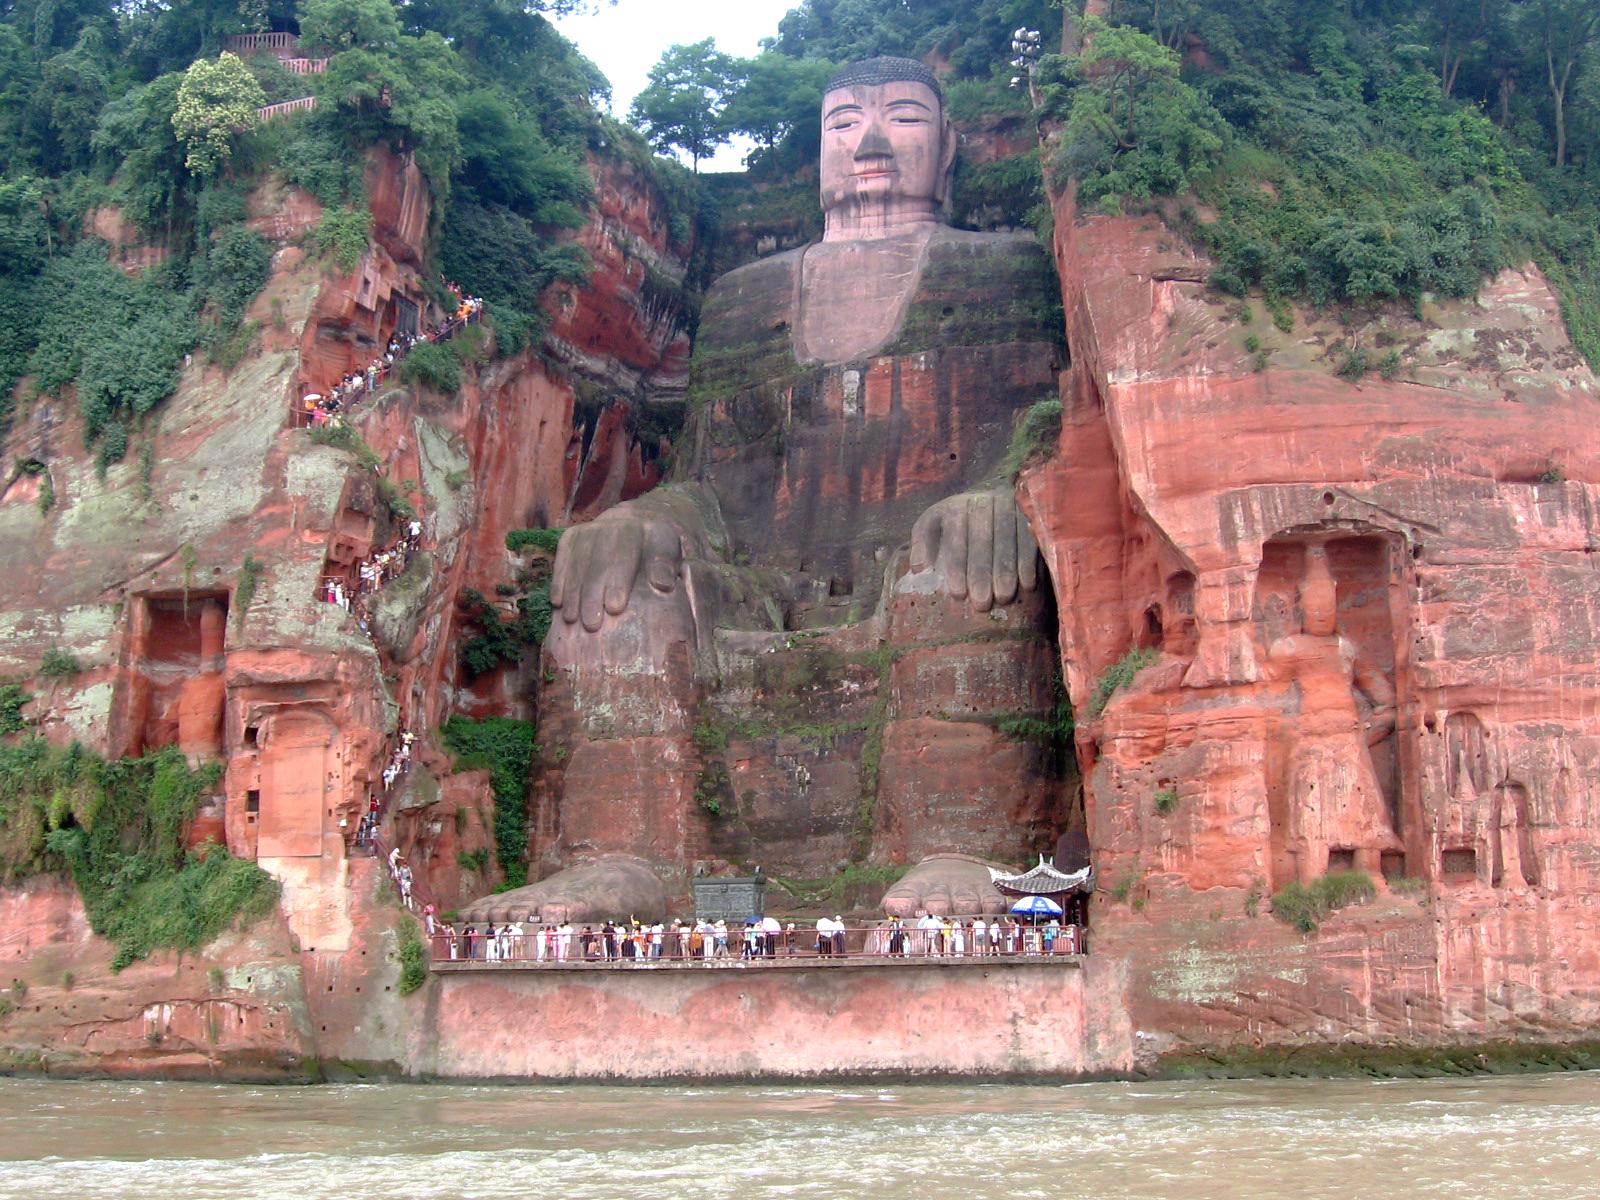 Leshan Giant Buddha - China - Large